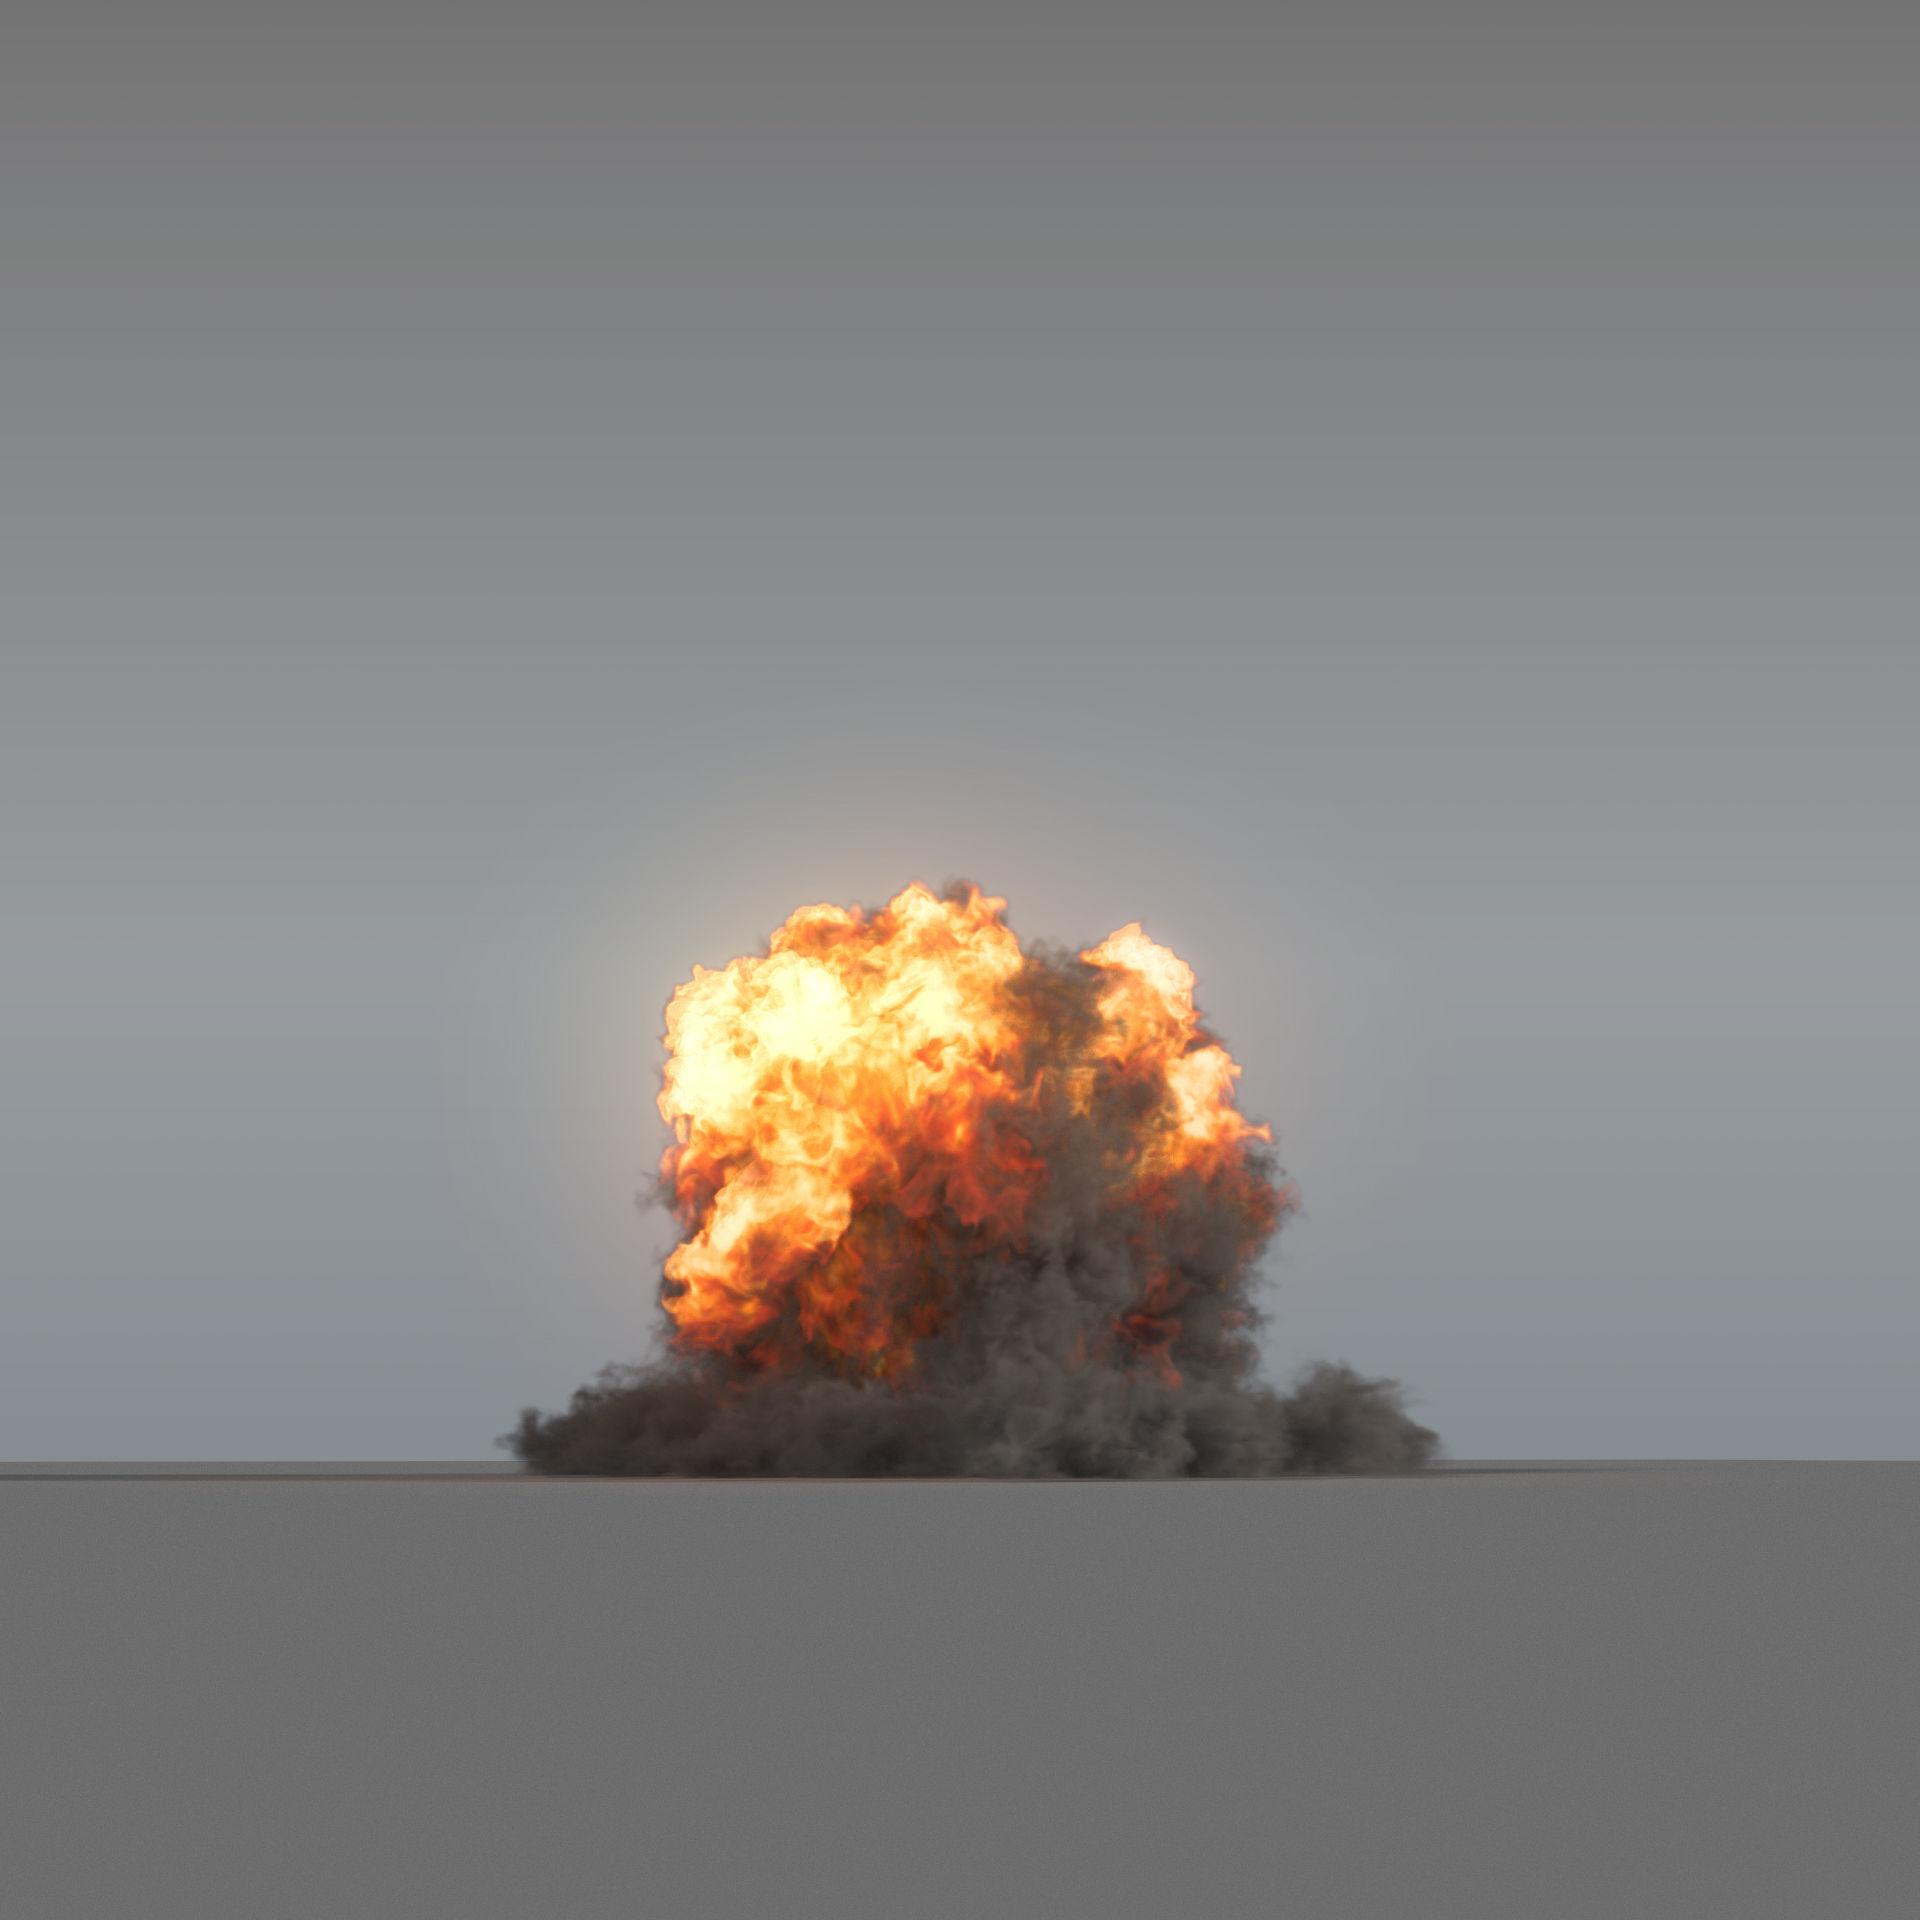 Explosion 01 - VDB